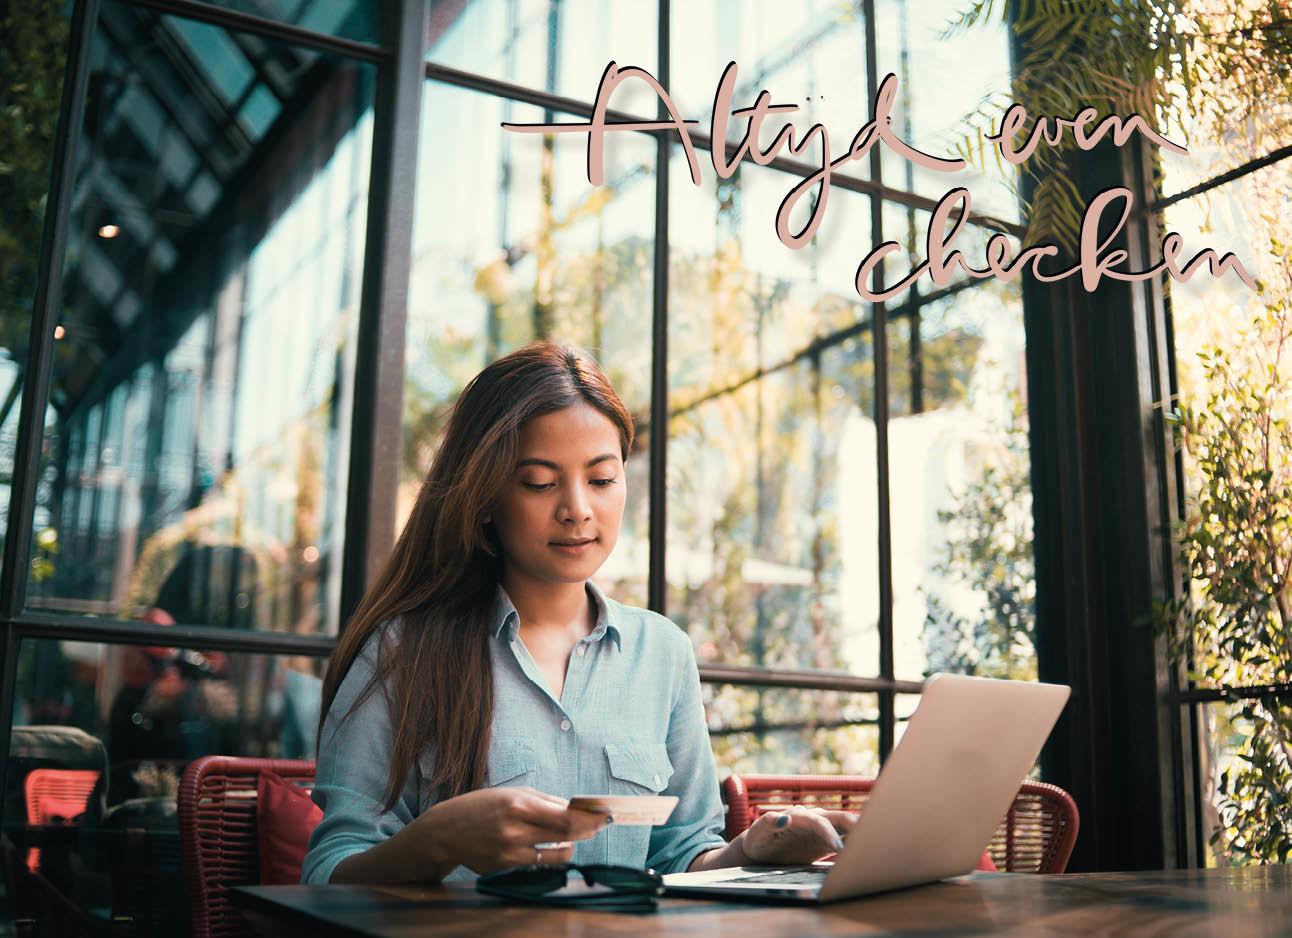 Vrouw zit in een restaurant en kijkt op haar bankpas